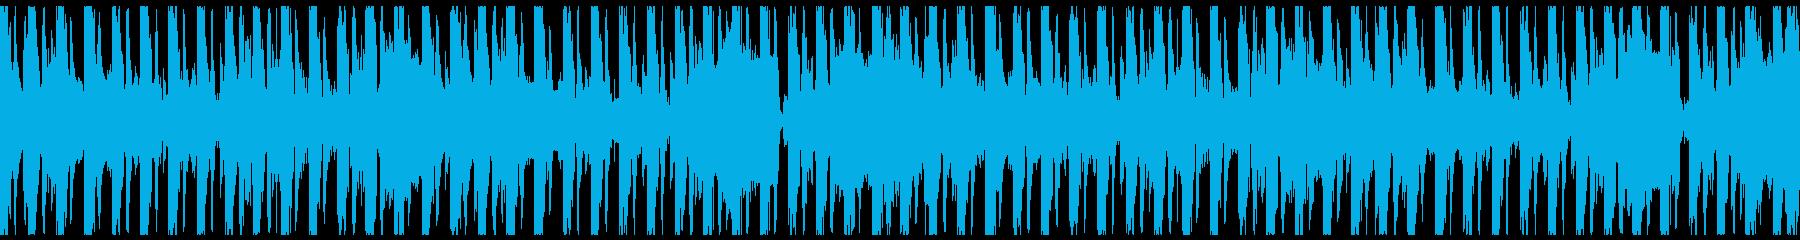 エスニックなパーカッションとリード...の再生済みの波形